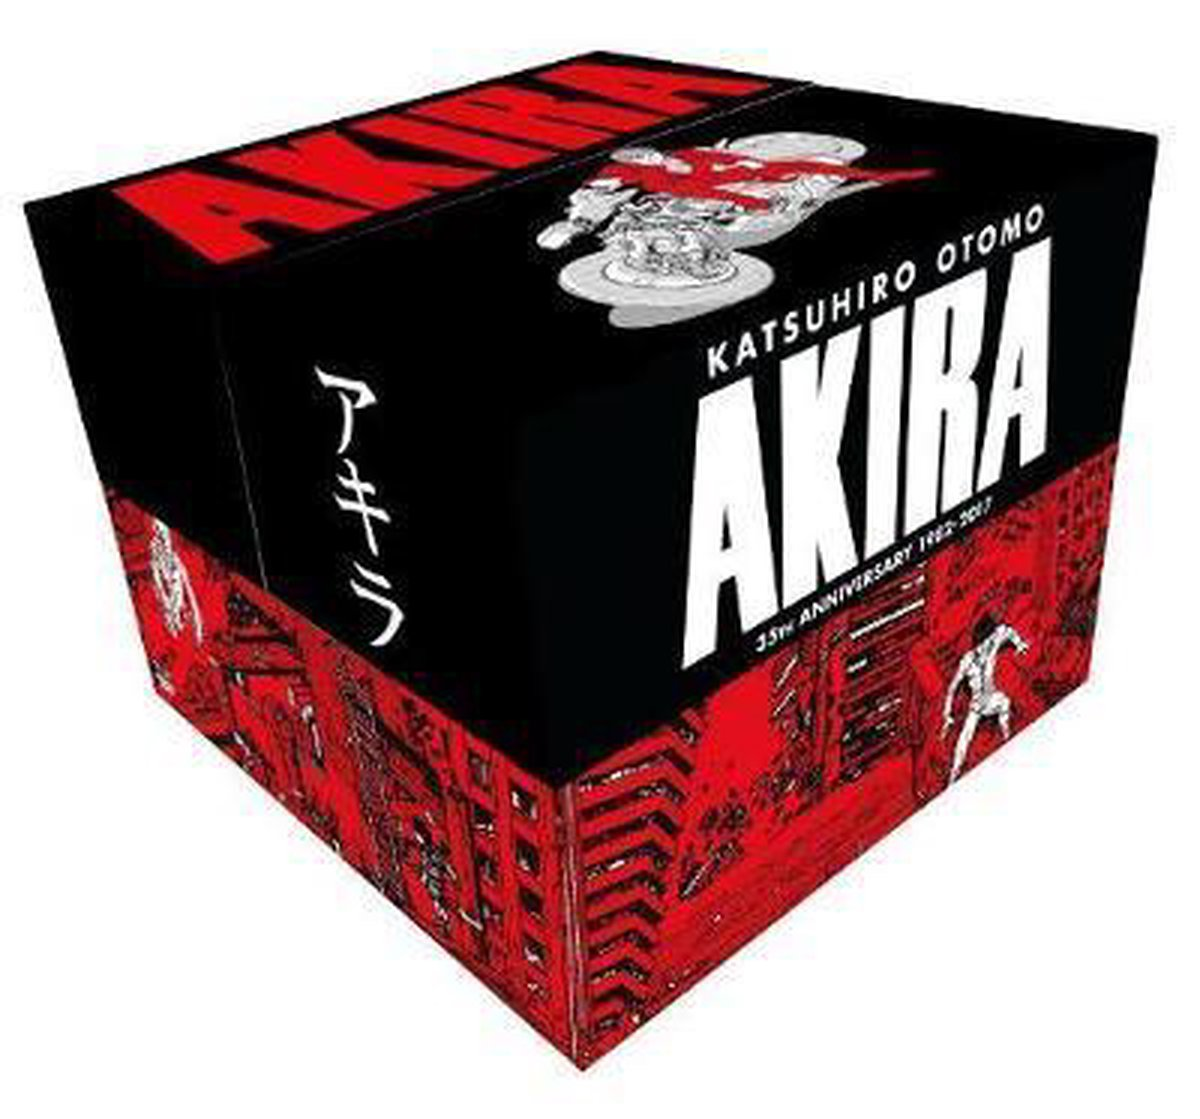 Akira 35th Anniversary Box Set - Katsuhiro Otomo